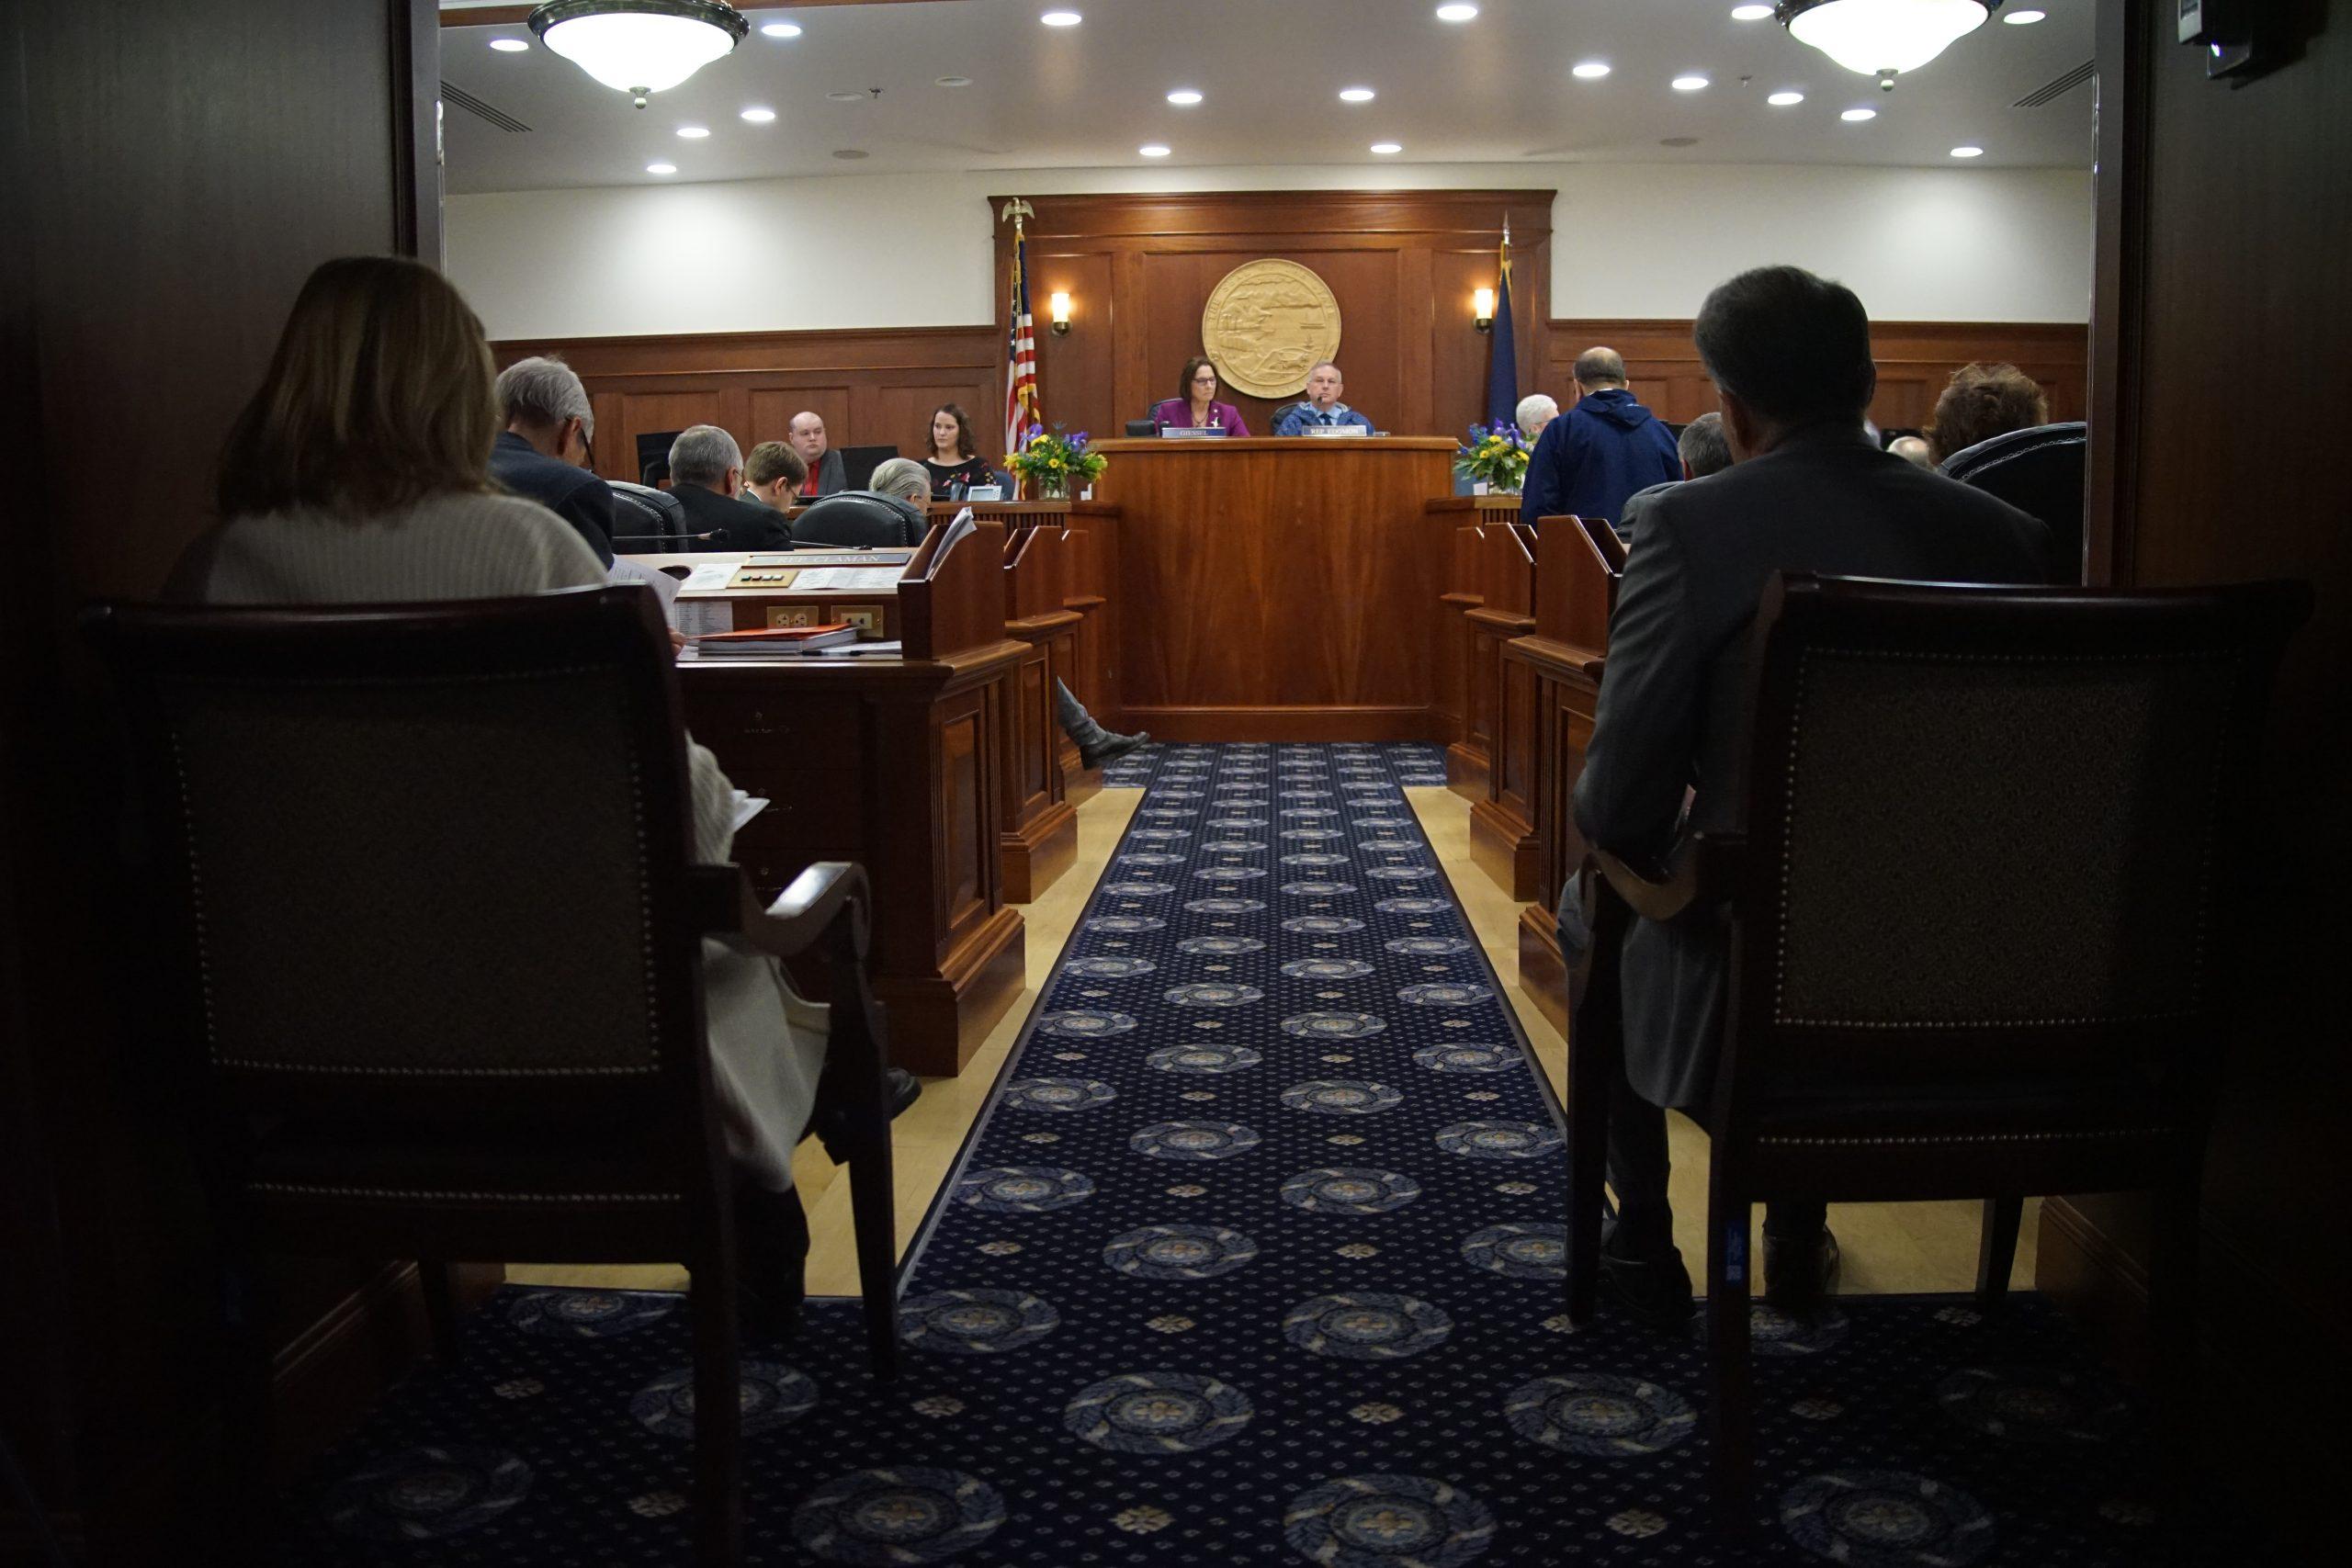 Majority of Alaska lawmakers vote to override governor's vetoes